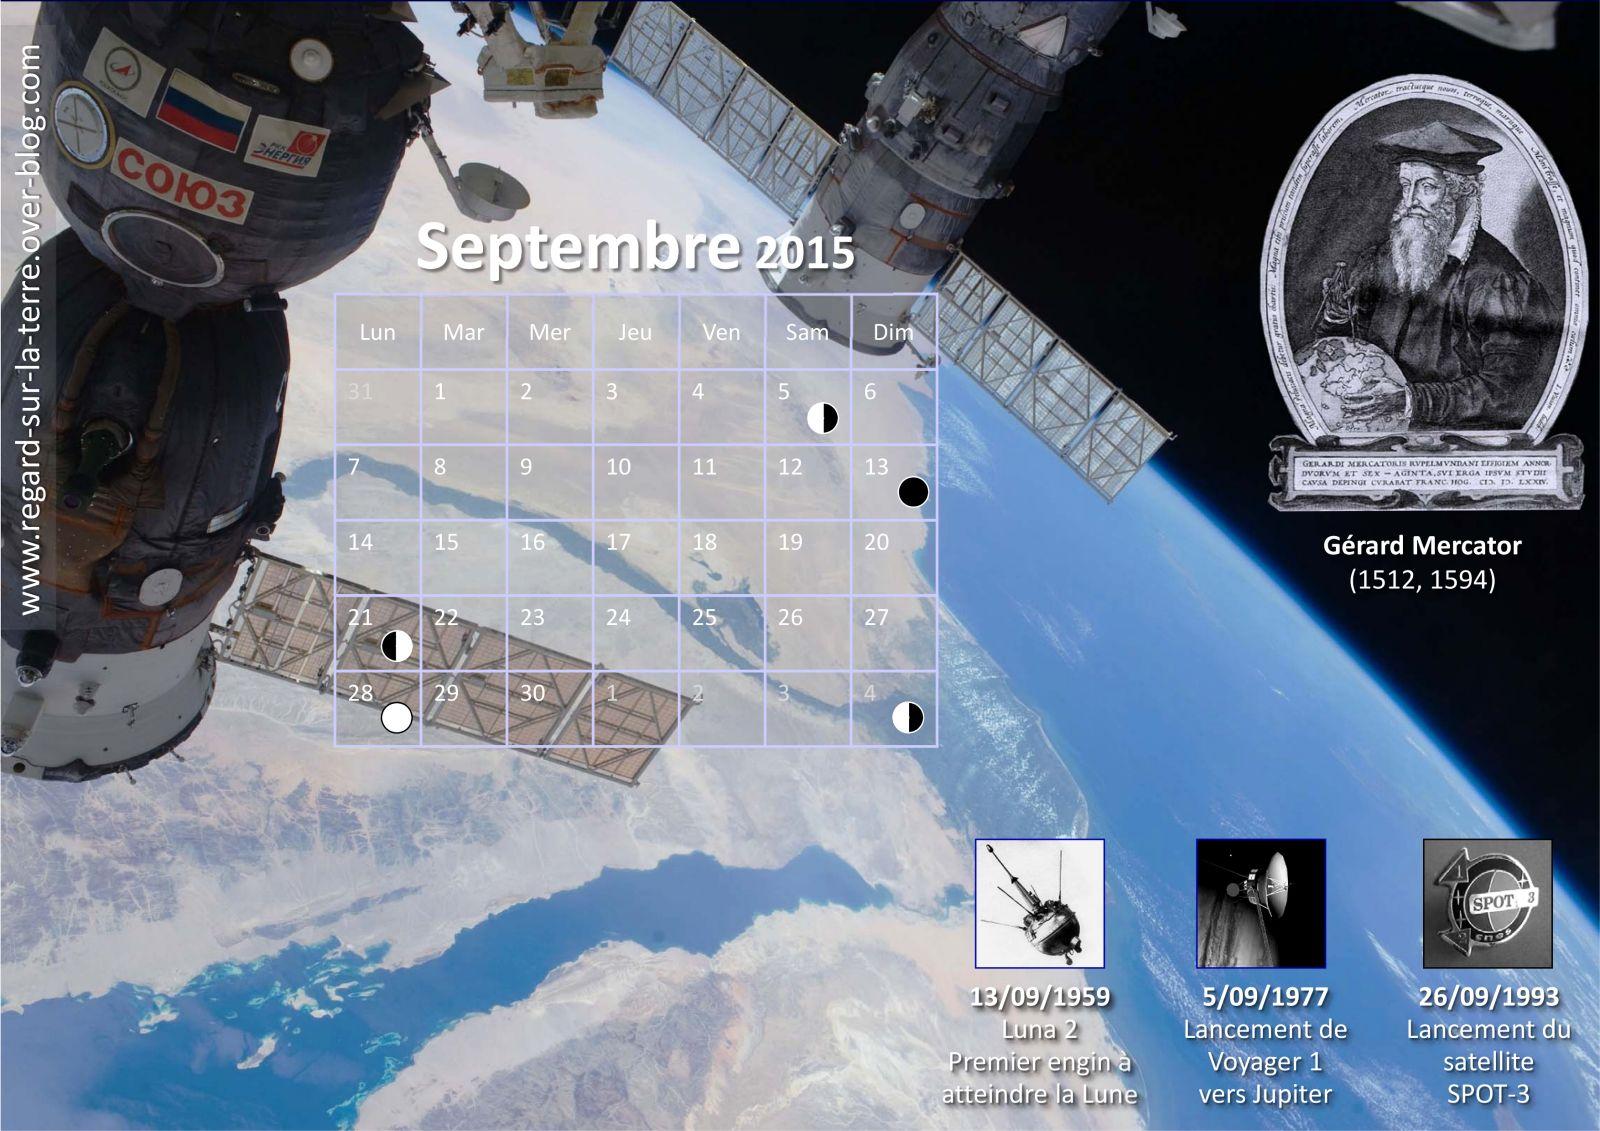 Calendrier spatiale et astronomique - anniversaires et premières - conquête spatiale - Calendrier des lancements - Septembre 2015